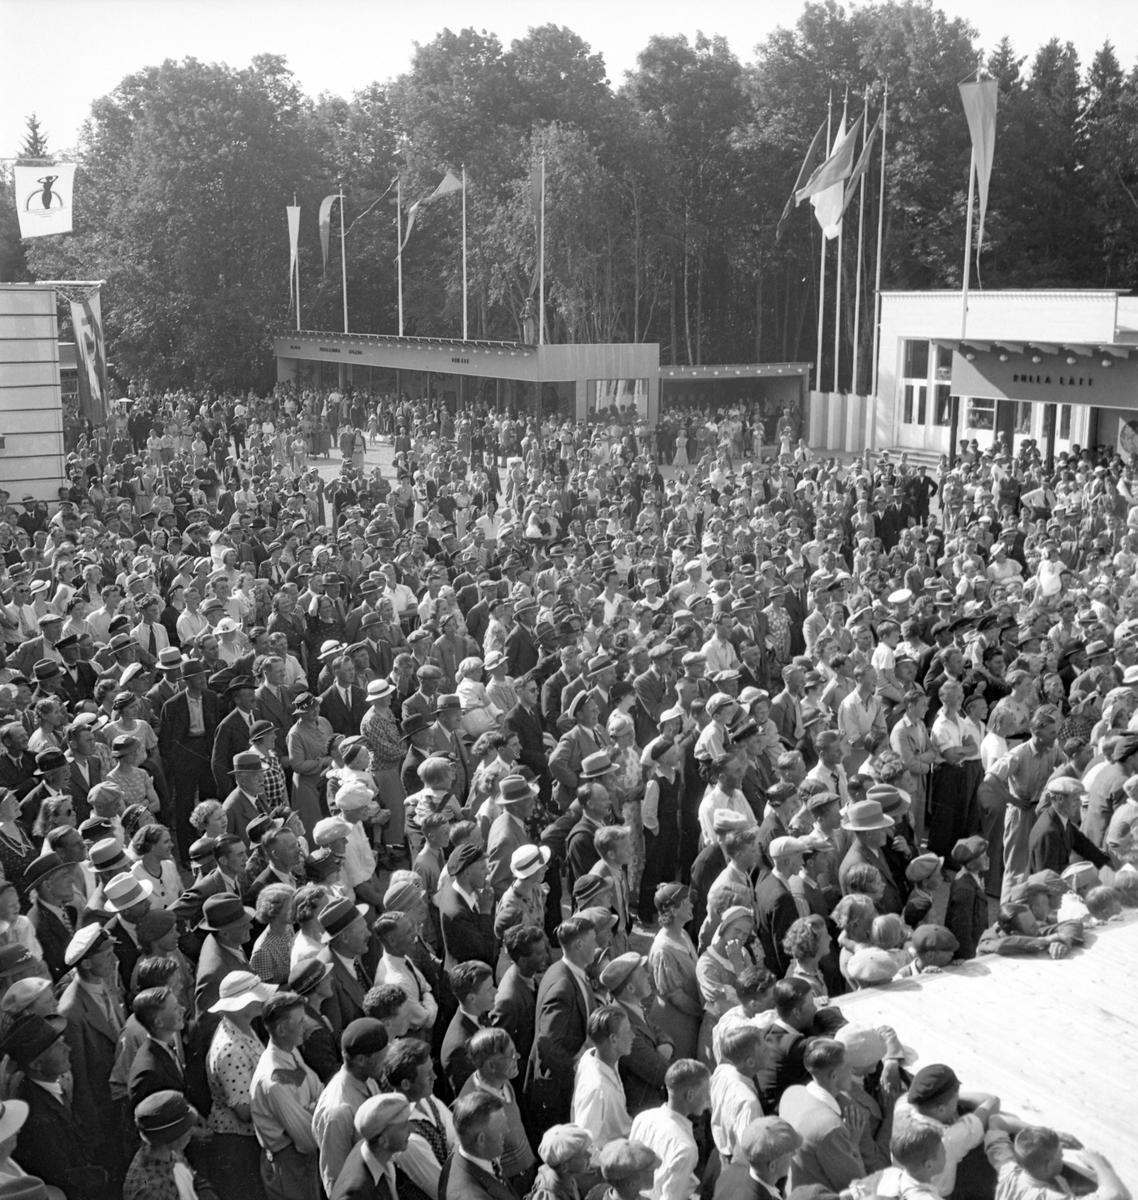 Furuviksparken invigdes pingstdagen 1936.  Nöjesfältet, badplatsen Sandvik och djurparken gjordes iordning.  Mycket folk vid scenen